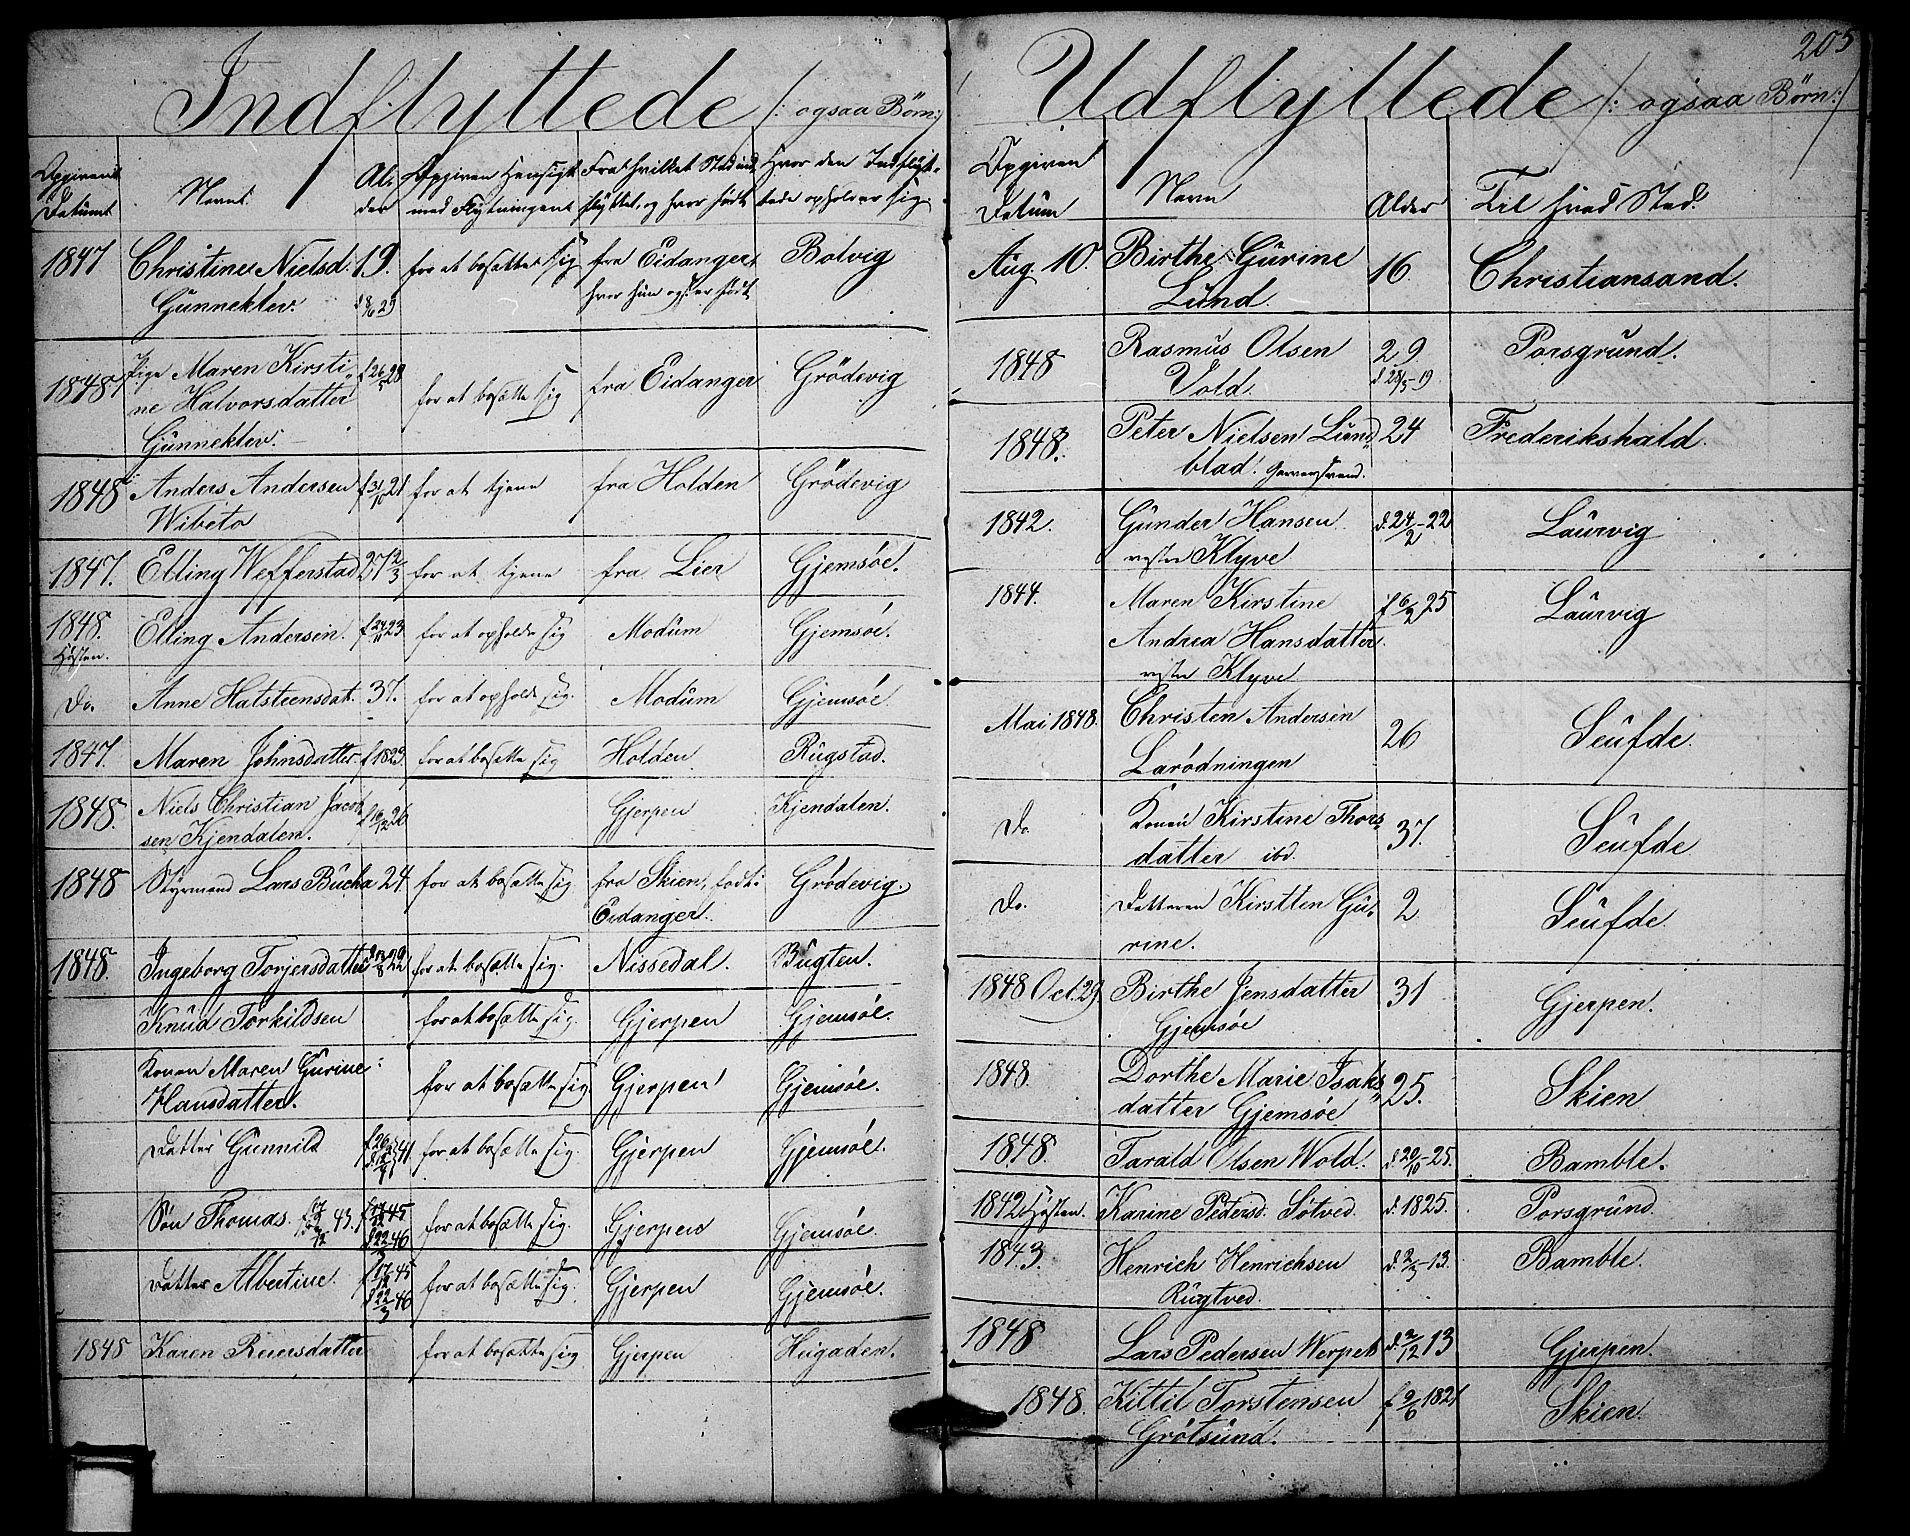 SAKO, Solum kirkebøker, G/Ga/L0003: Klokkerbok nr. I 3, 1848-1859, s. 205